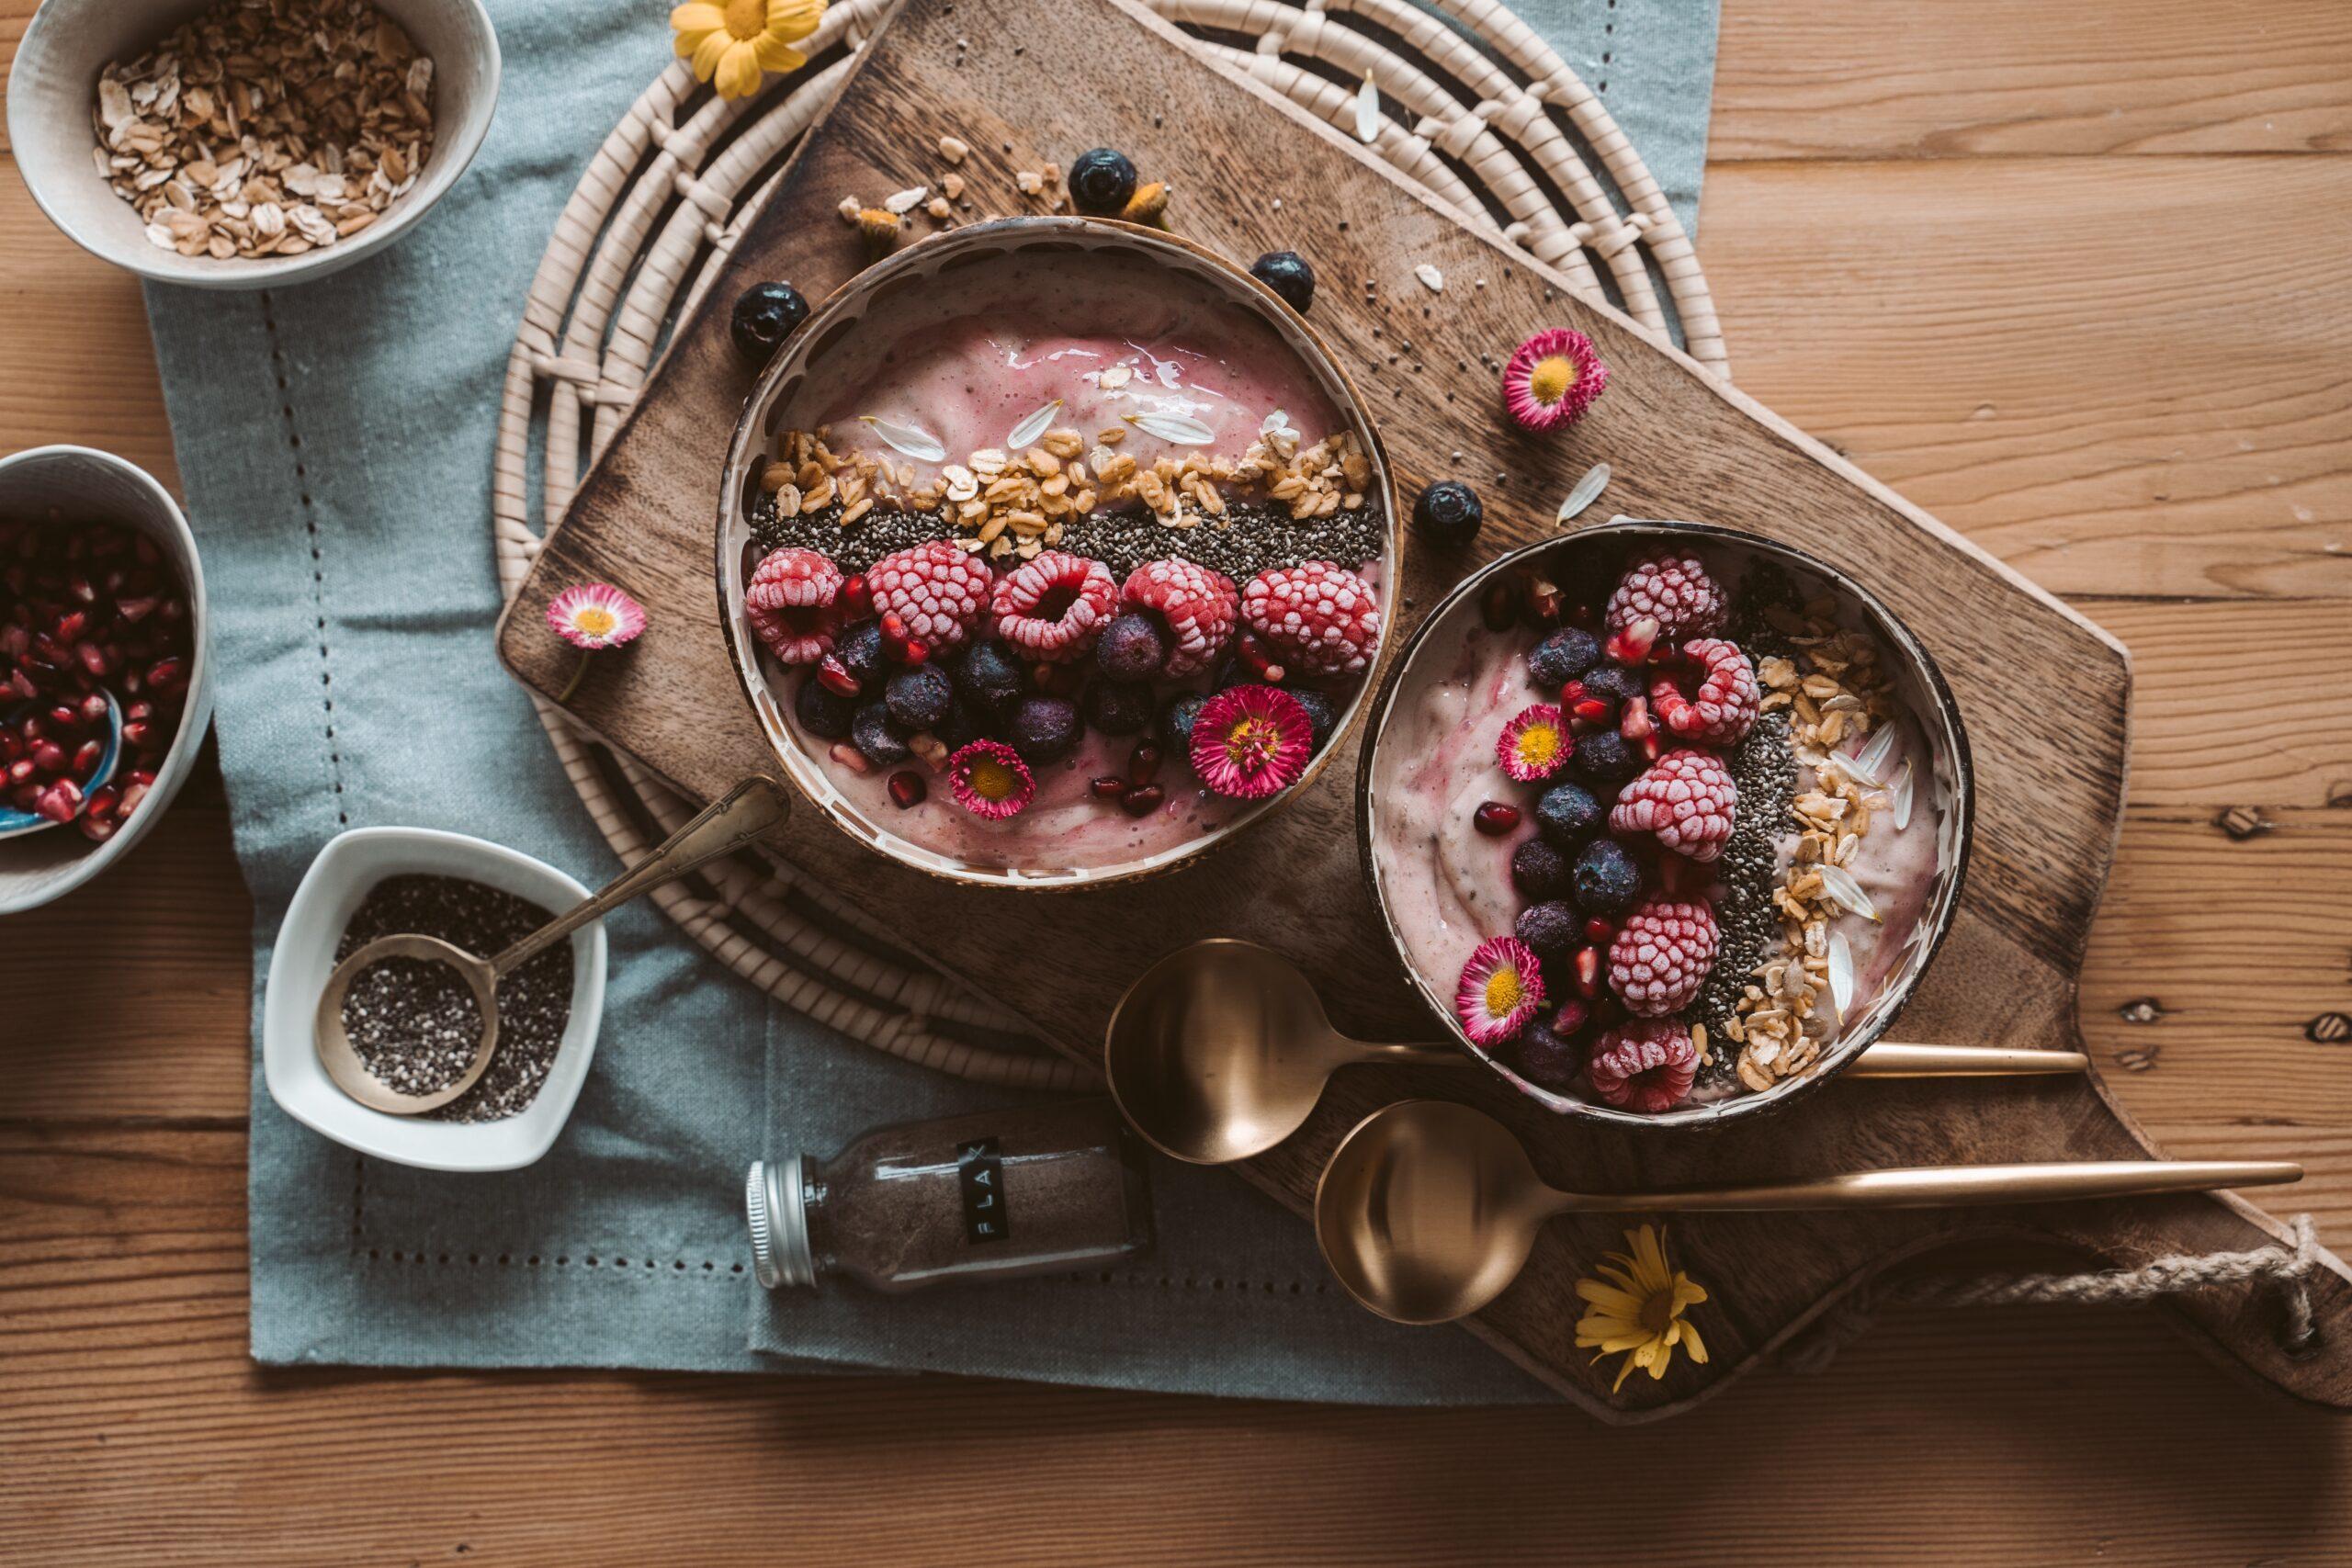 Desayuno, bowl con frutas en mesa de madera; dieta vegana